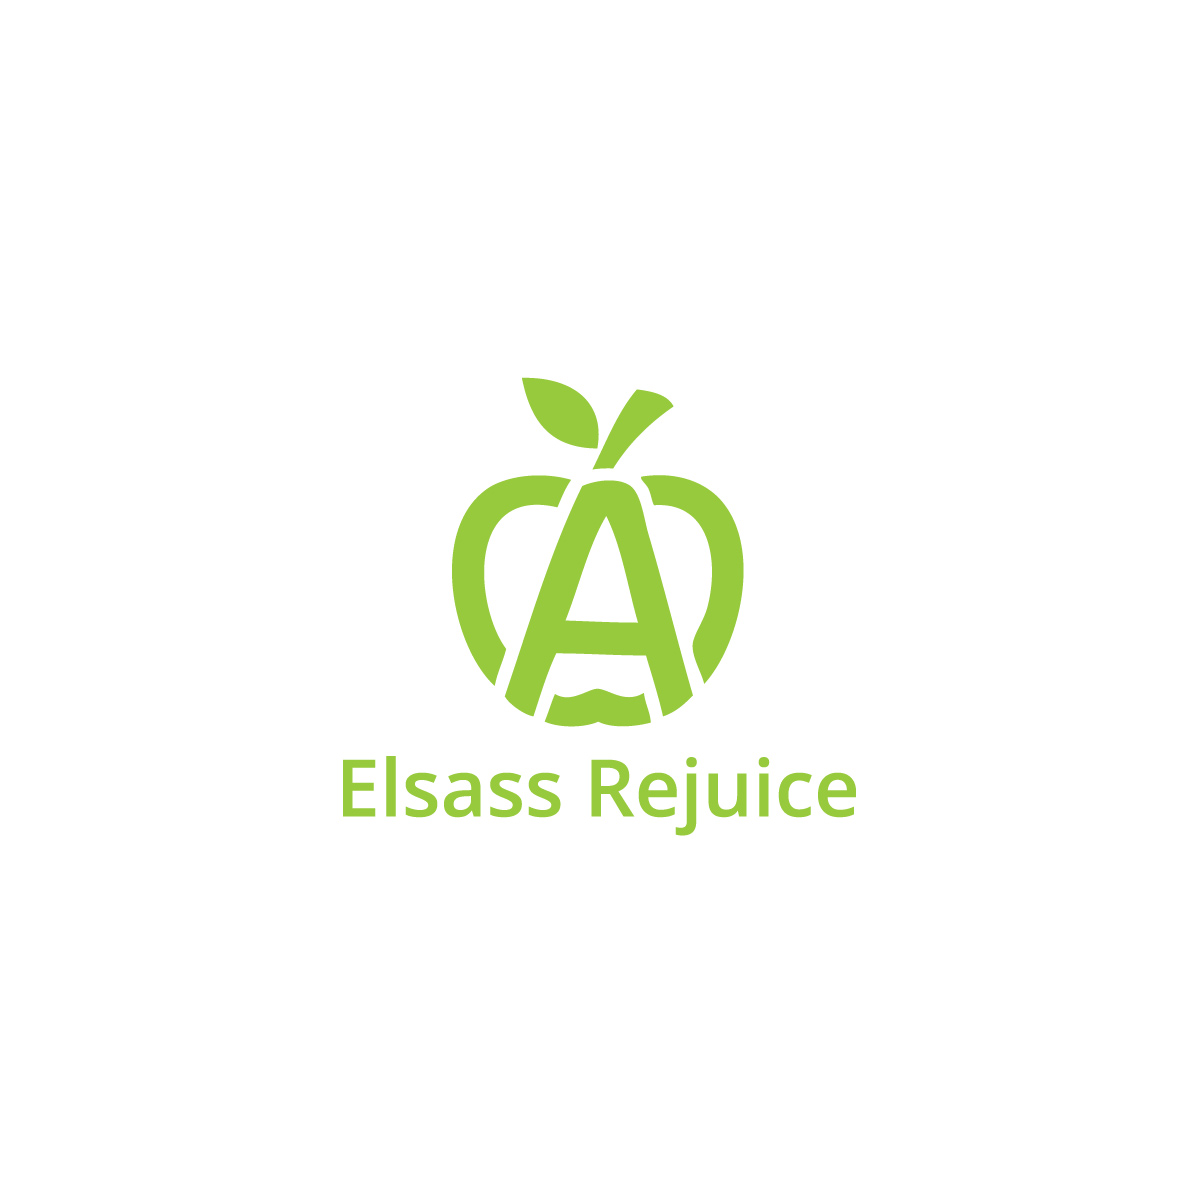 ElsassRejuice2